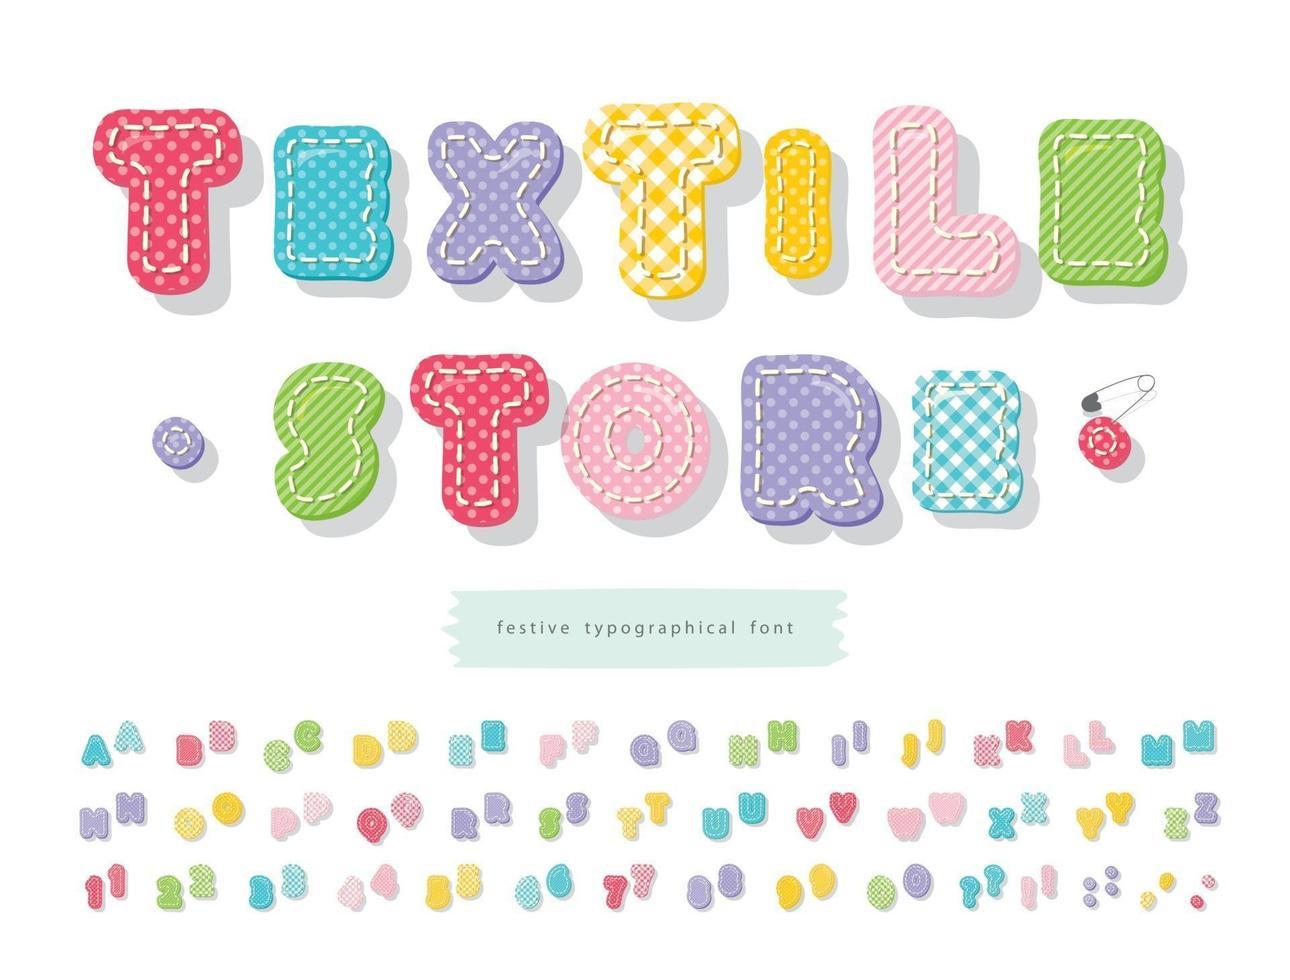 helder textiel lettertype voor kinderen. kleurrijke cartoon alfabet. perfect voor verjaardag, babydouche. twee varianten van elke letter en cijfer. vector